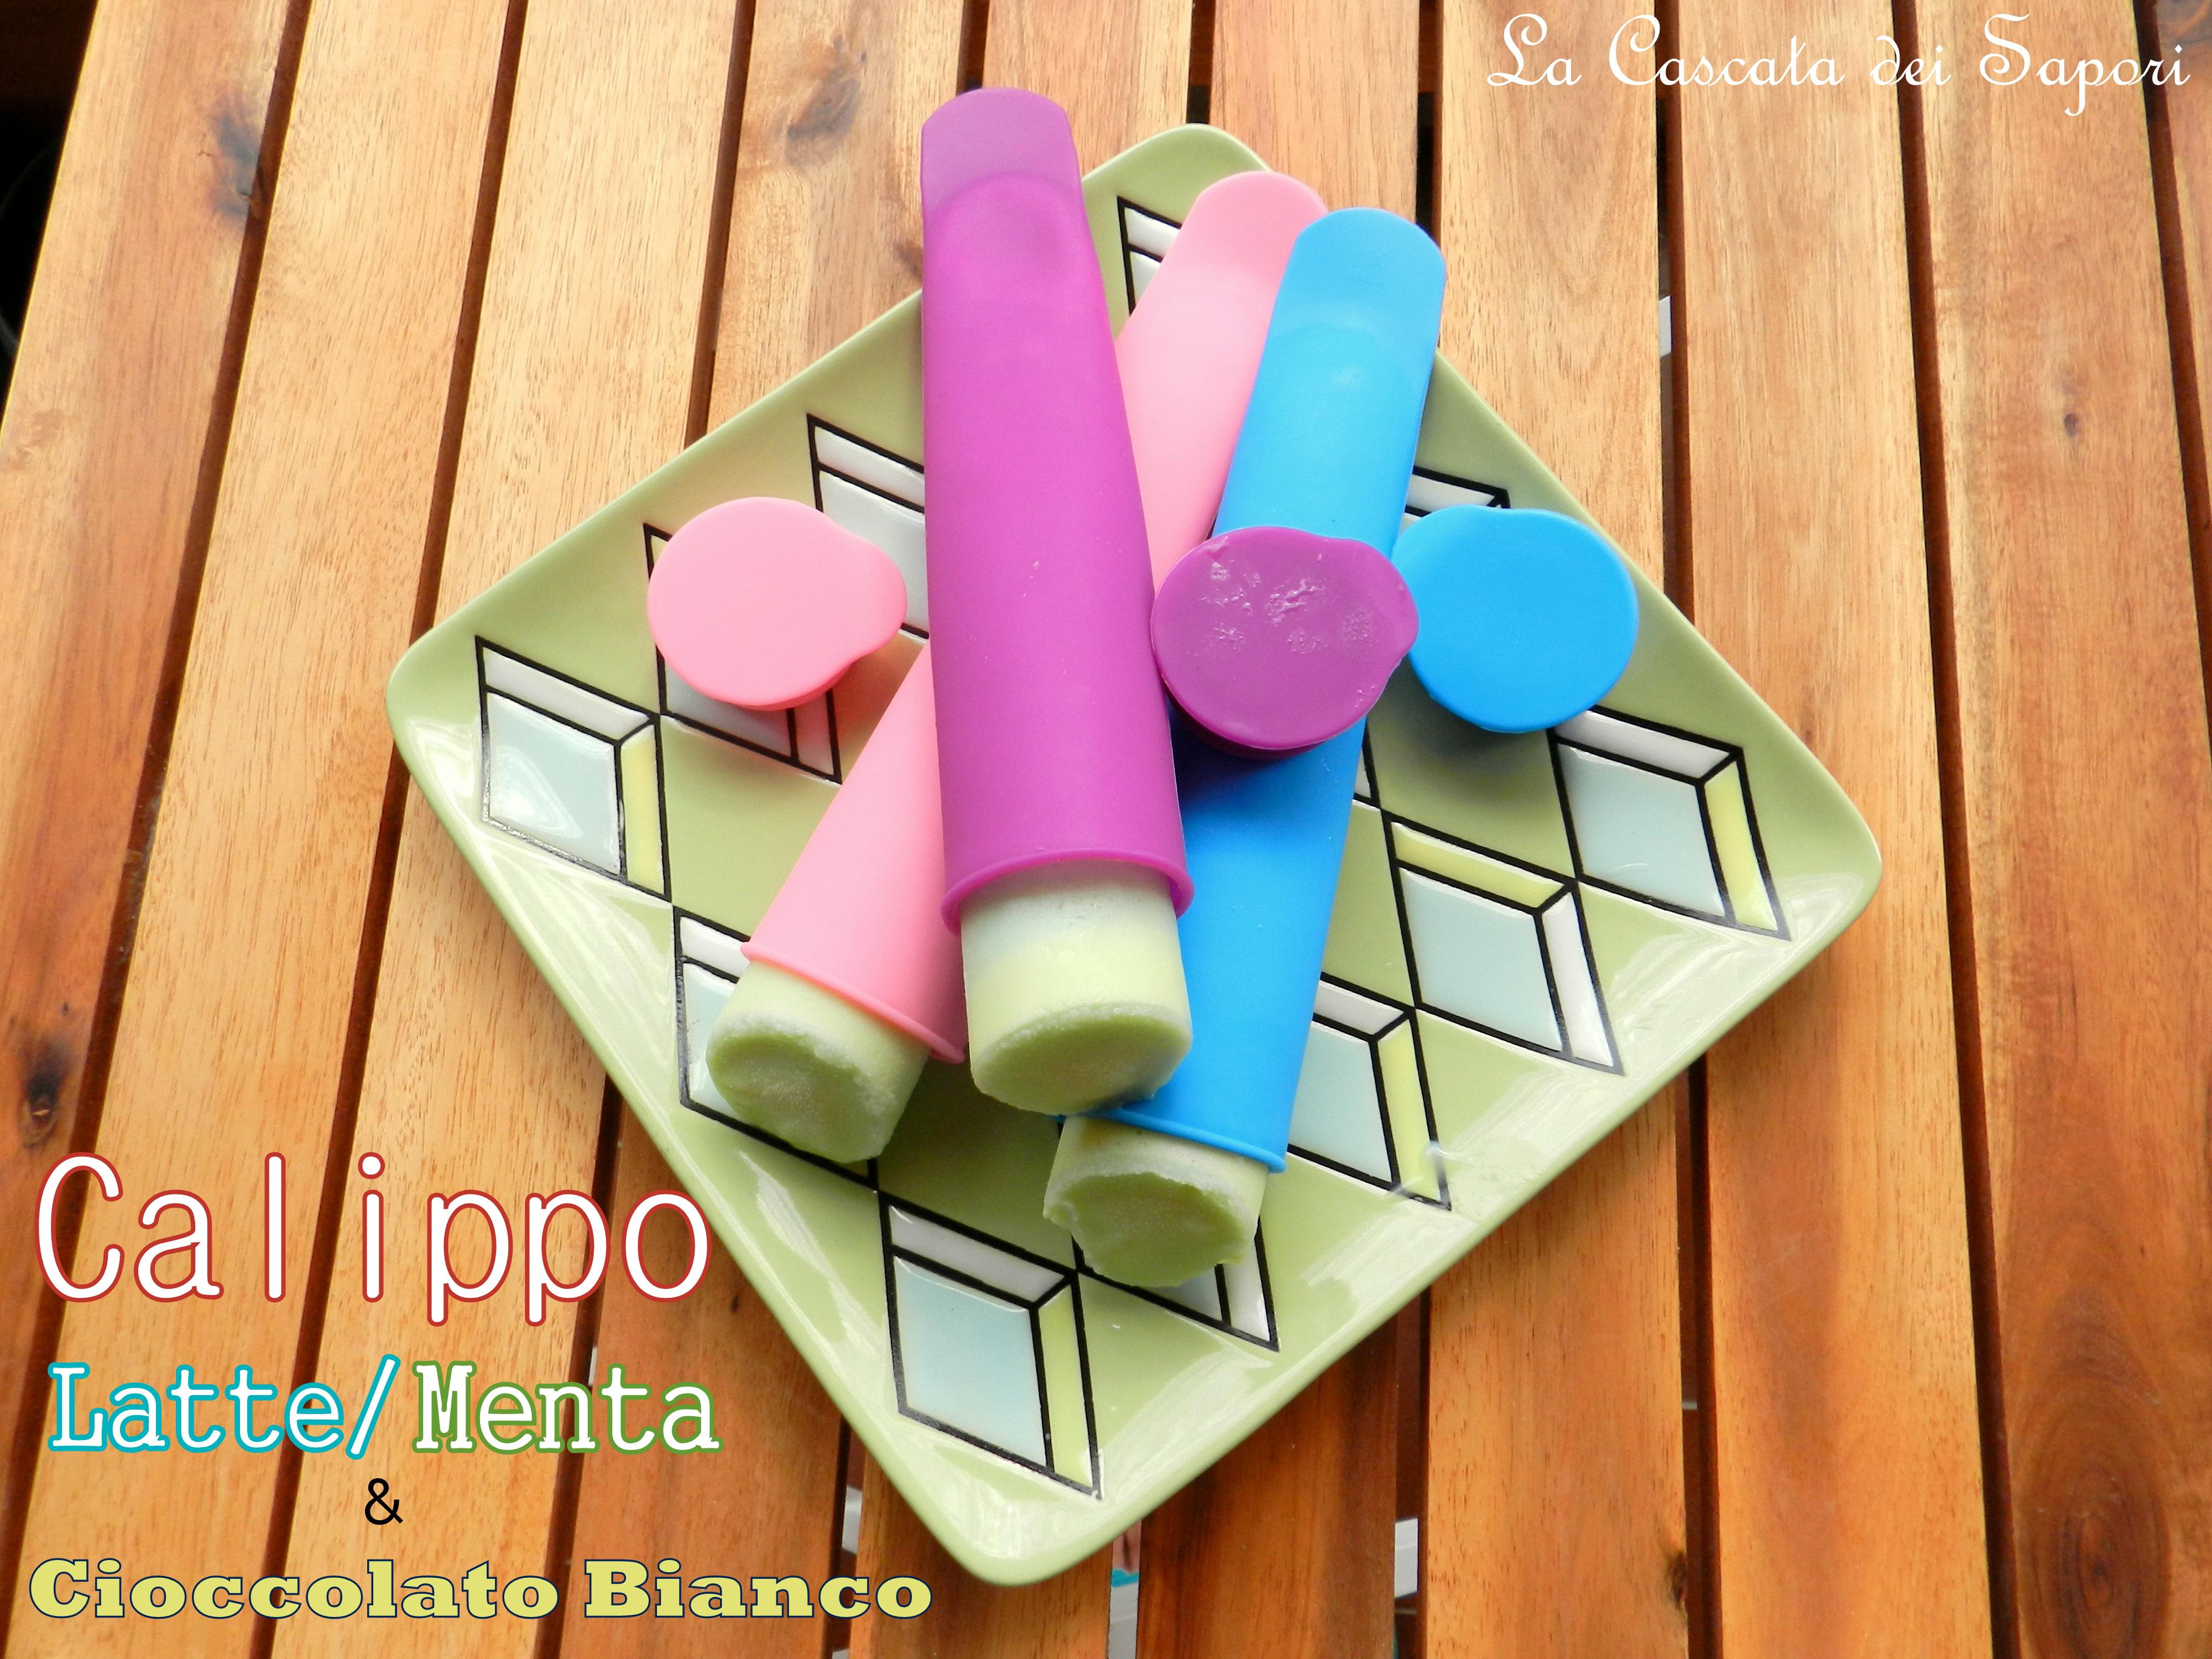 Calippo-Latte-Menta-e-Cioccolato-Bianco